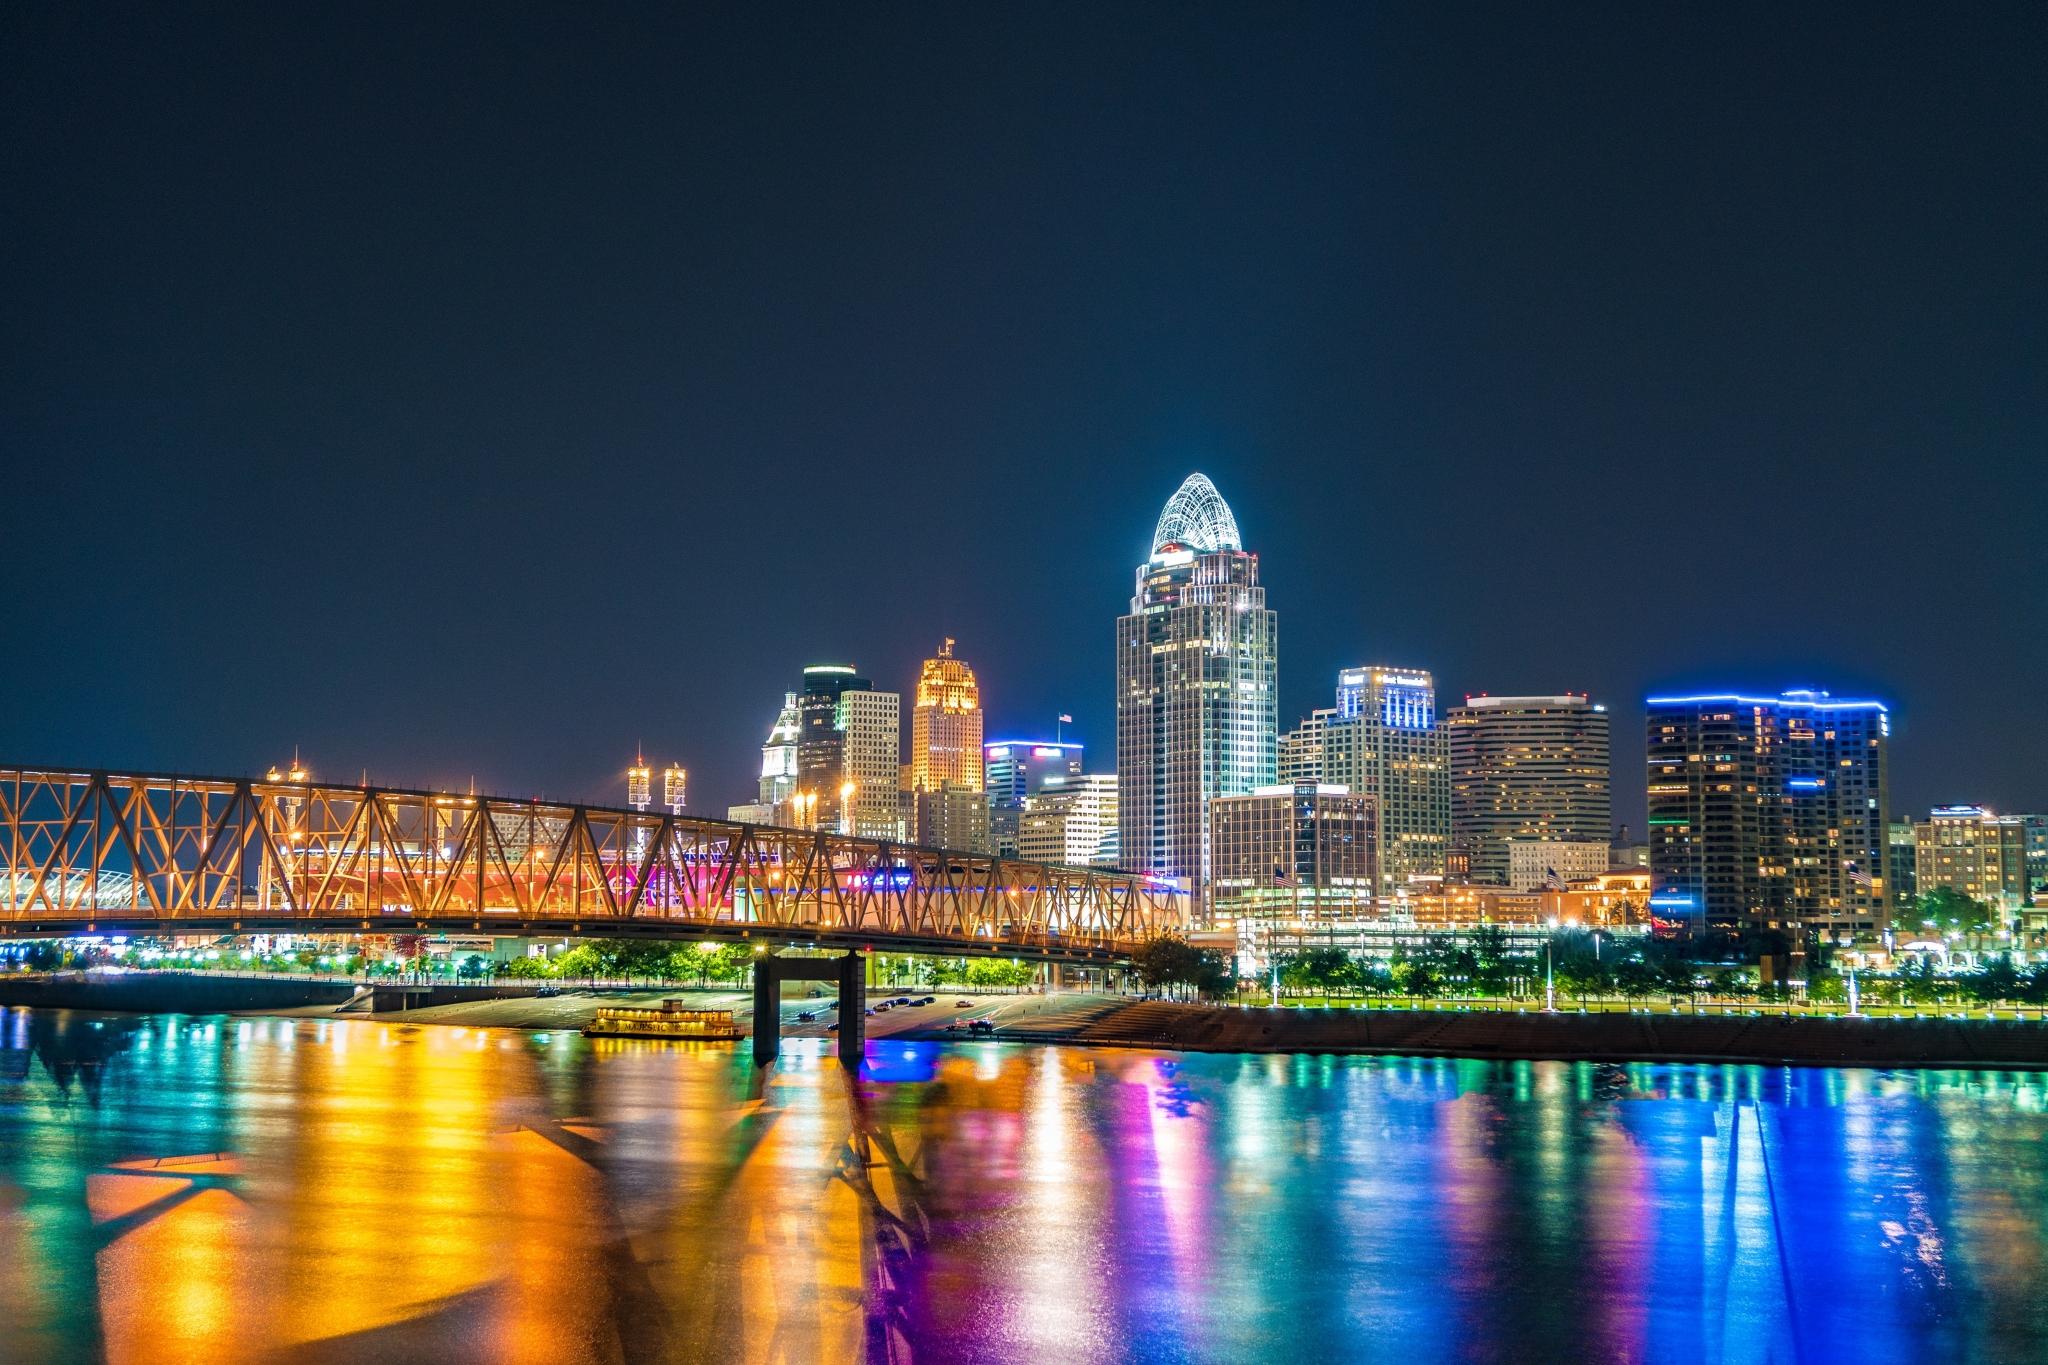 Bridge in Cincinnati, Ohio